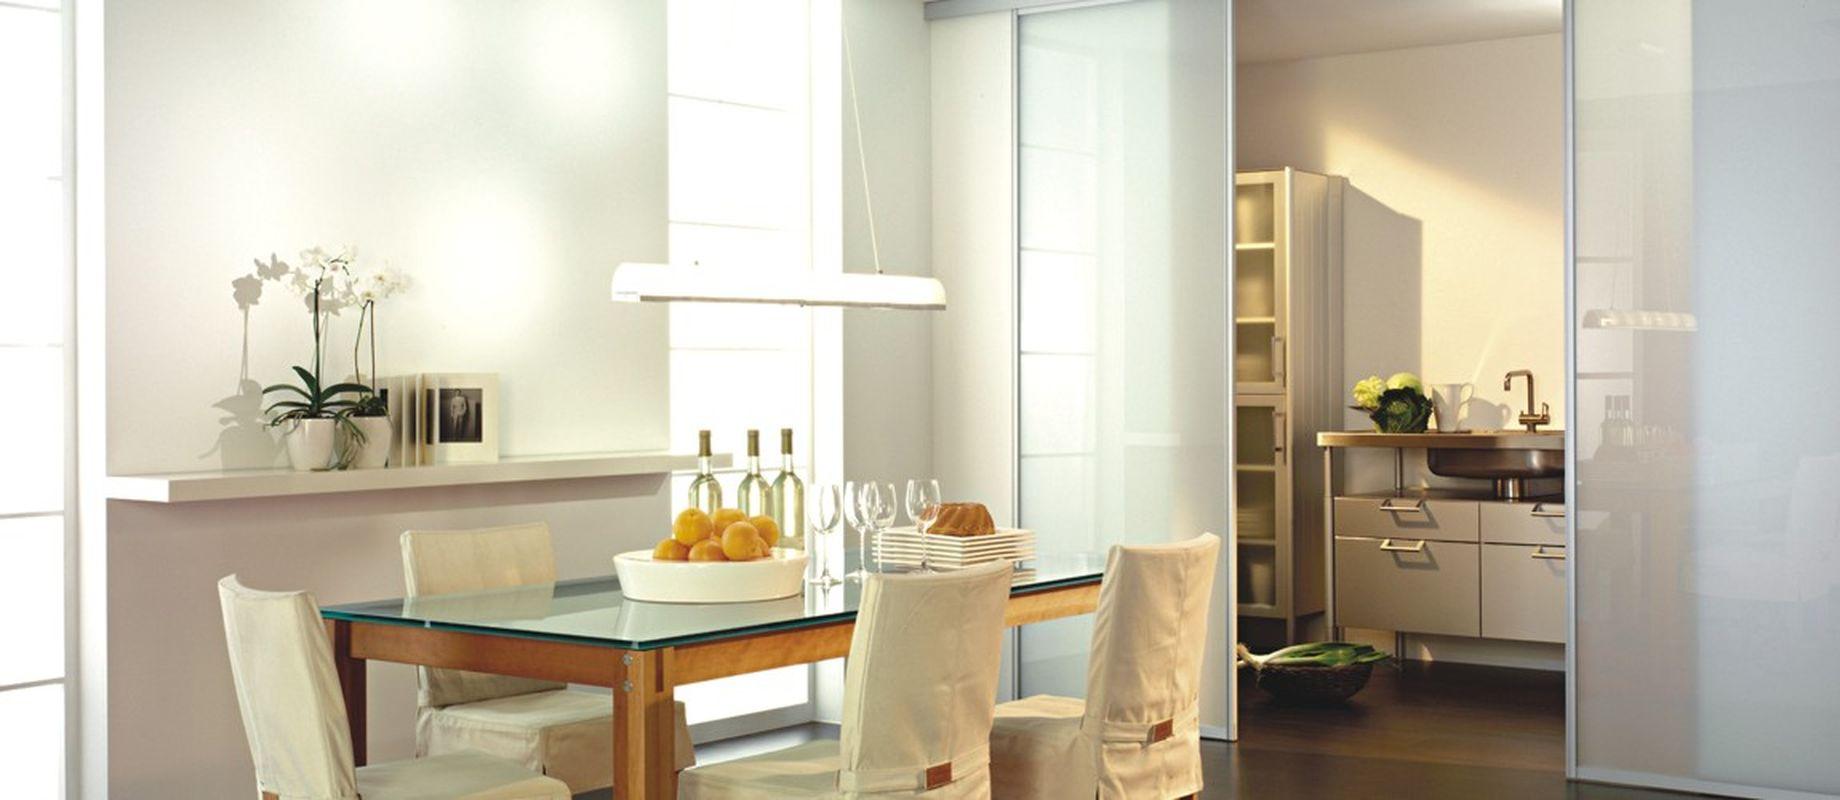 Offene kuche wohnzimmer esszimmer